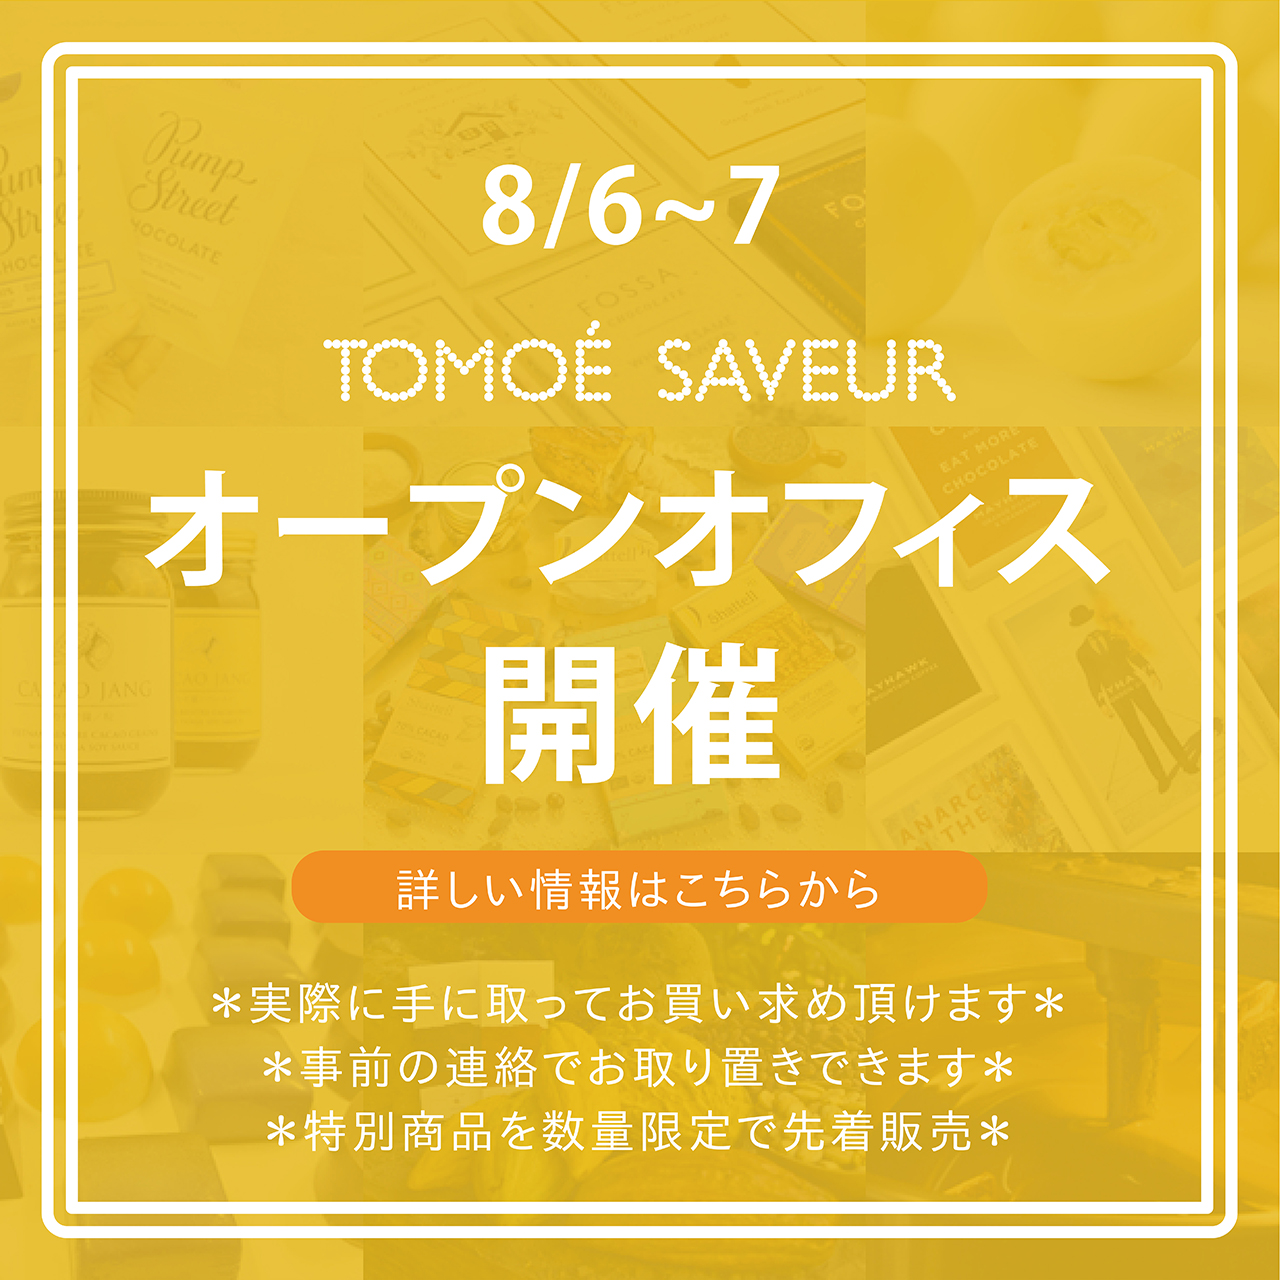 8月6日(金)・7日(土) オープンオフィス開催♪